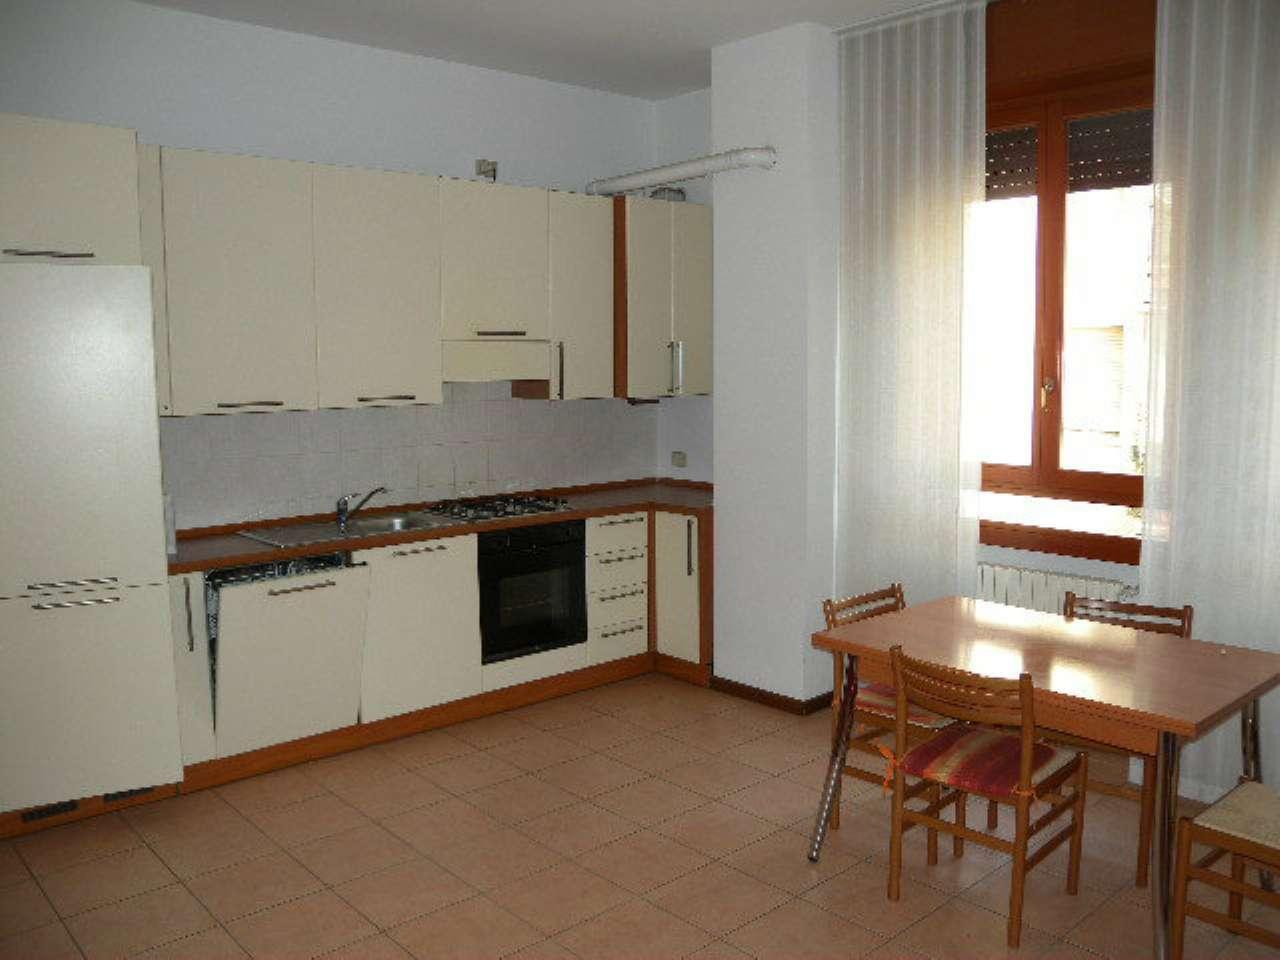 Appartamento in Vendita a Milano 20 Bicocca / Crescenzago / Cimiano: 1 locali, 41 mq